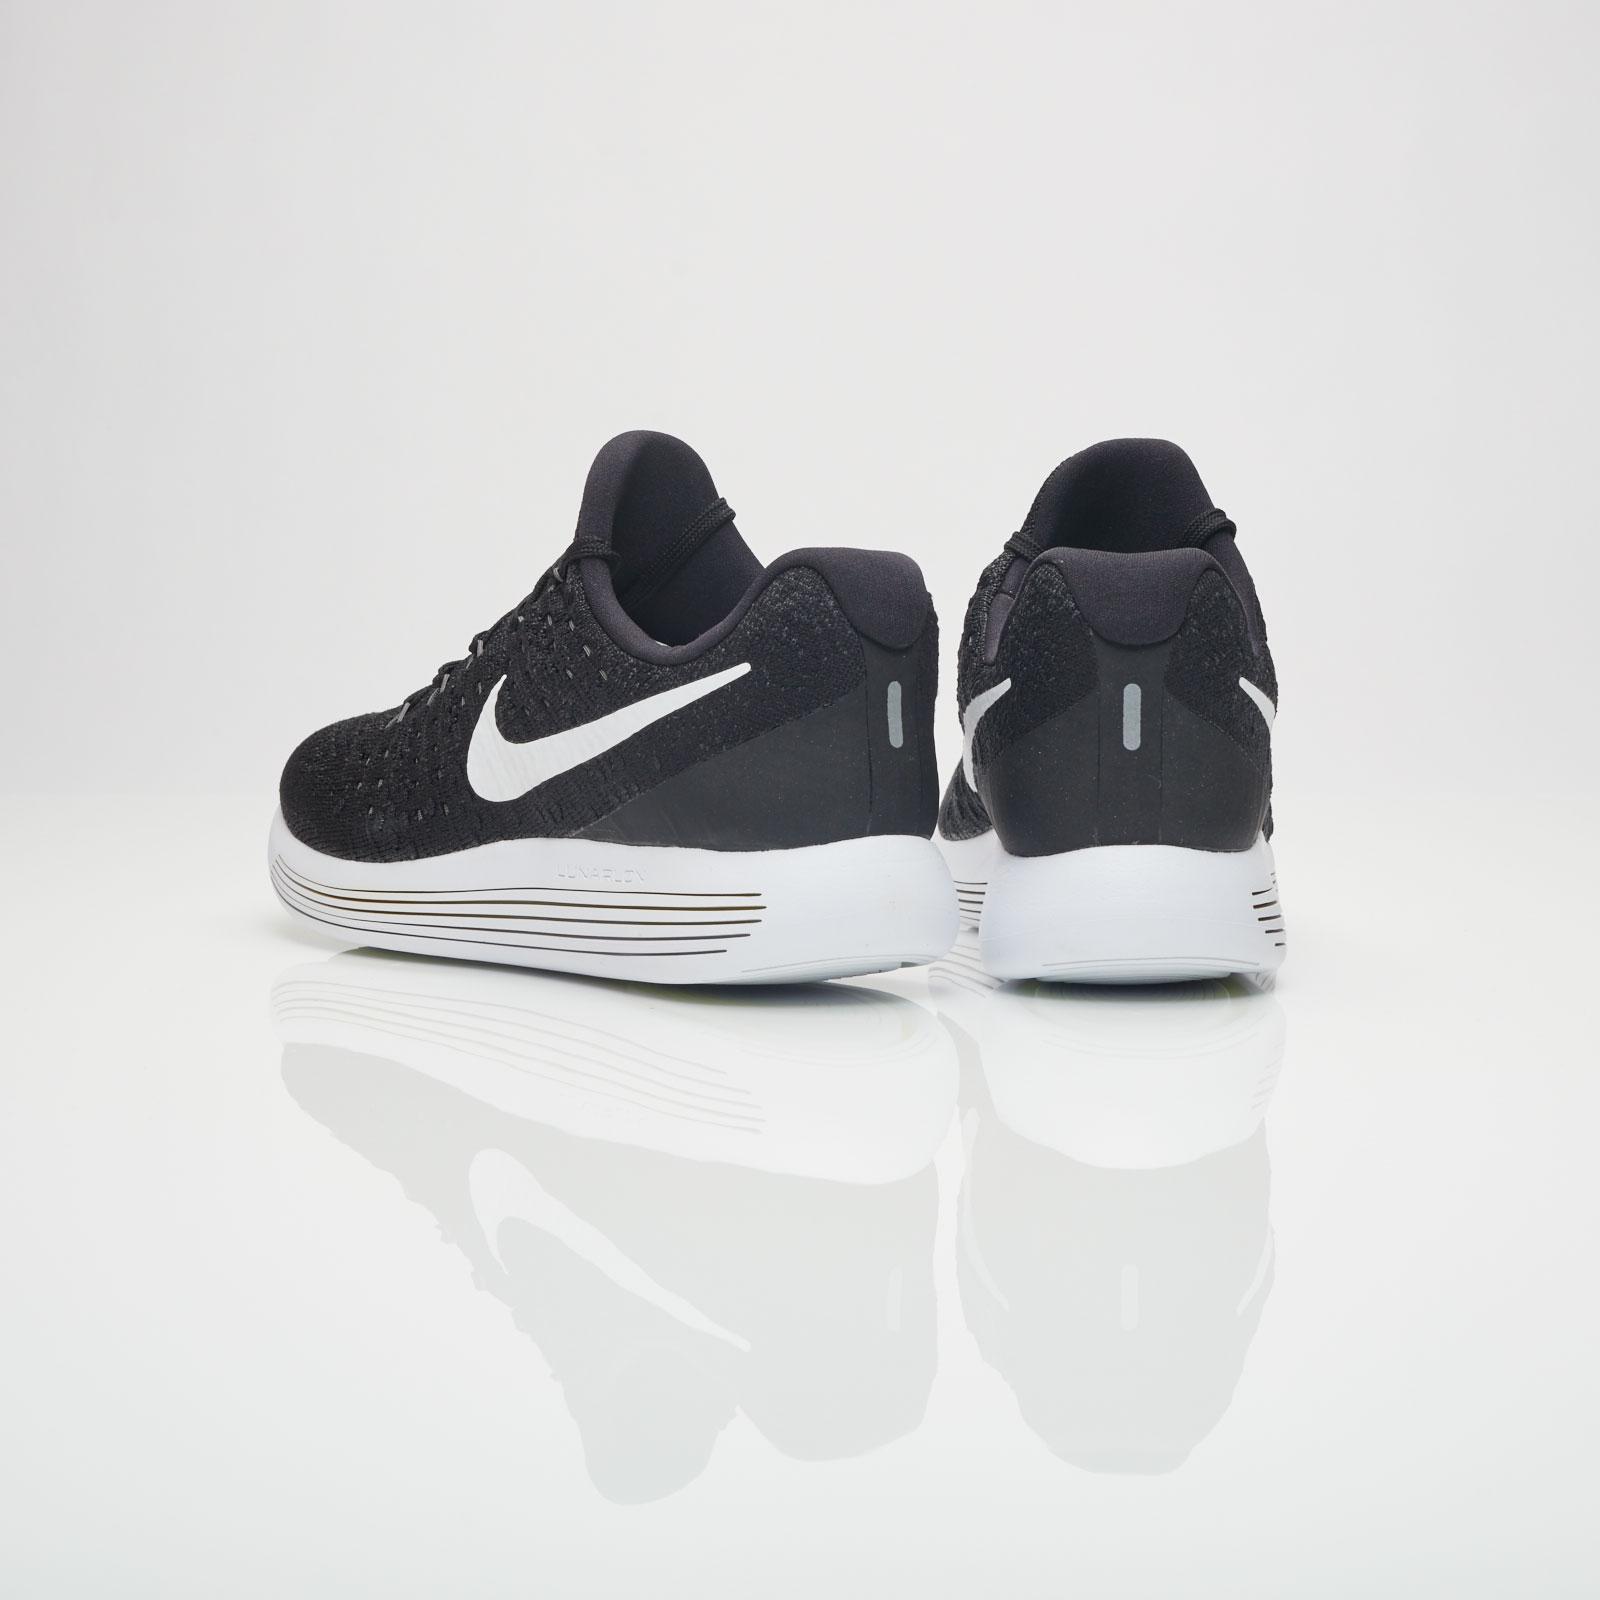 sale retailer 9a071 ff78e Nike Wmns Lunarepic Low Flyknit 2 - 863780-001 - Sneakersnstuff   sneakers    streetwear online since 1999